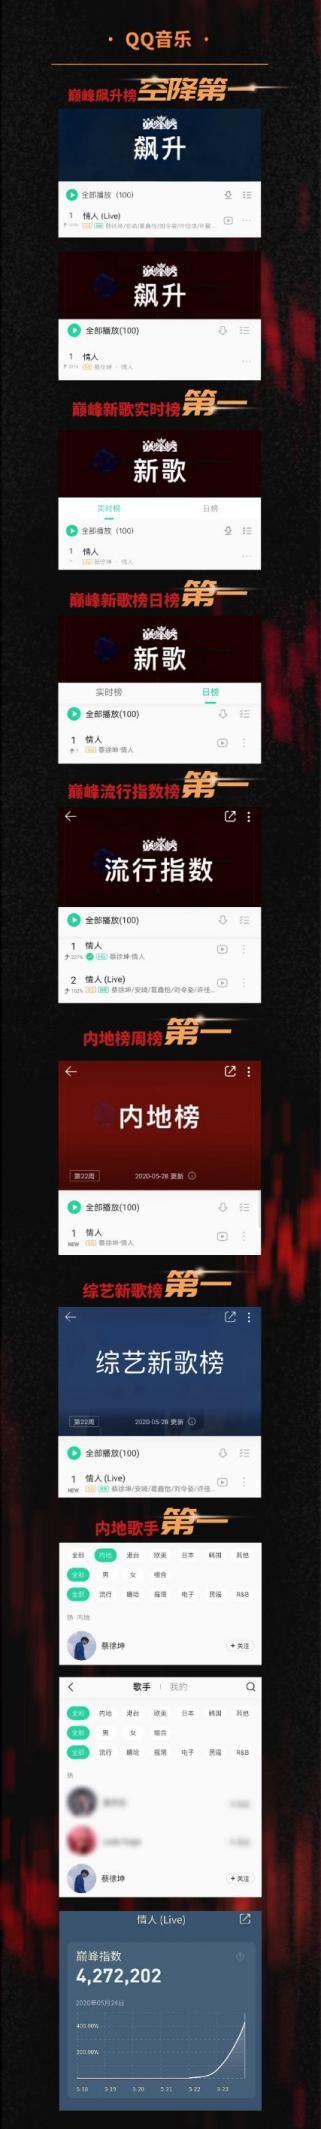 蔡徐坤新歌《情人》出圈 (3).jpg